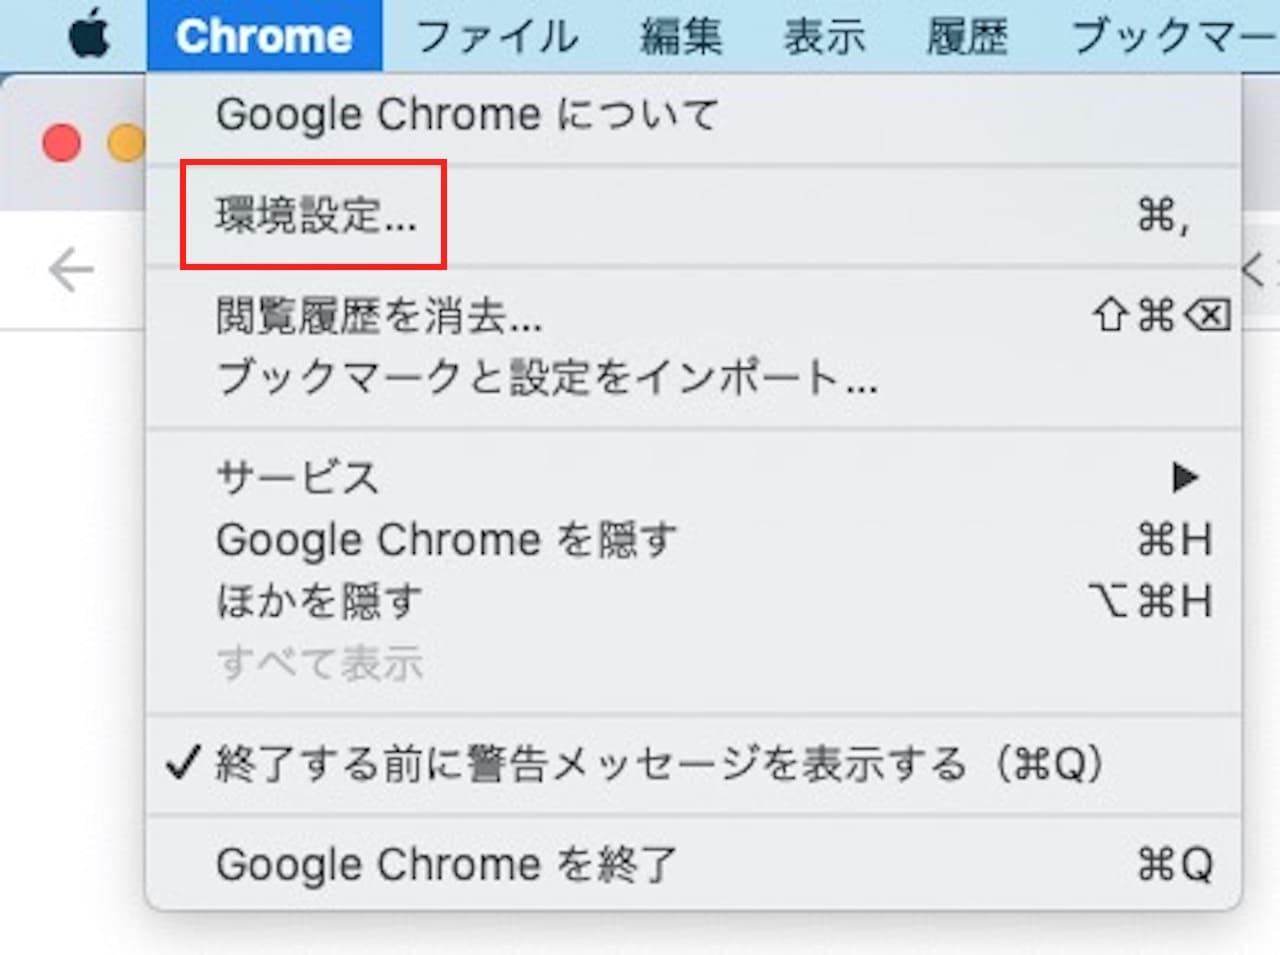 MacでGoogleChromeのダウンロードファイルの保存先を変更する方法⑤